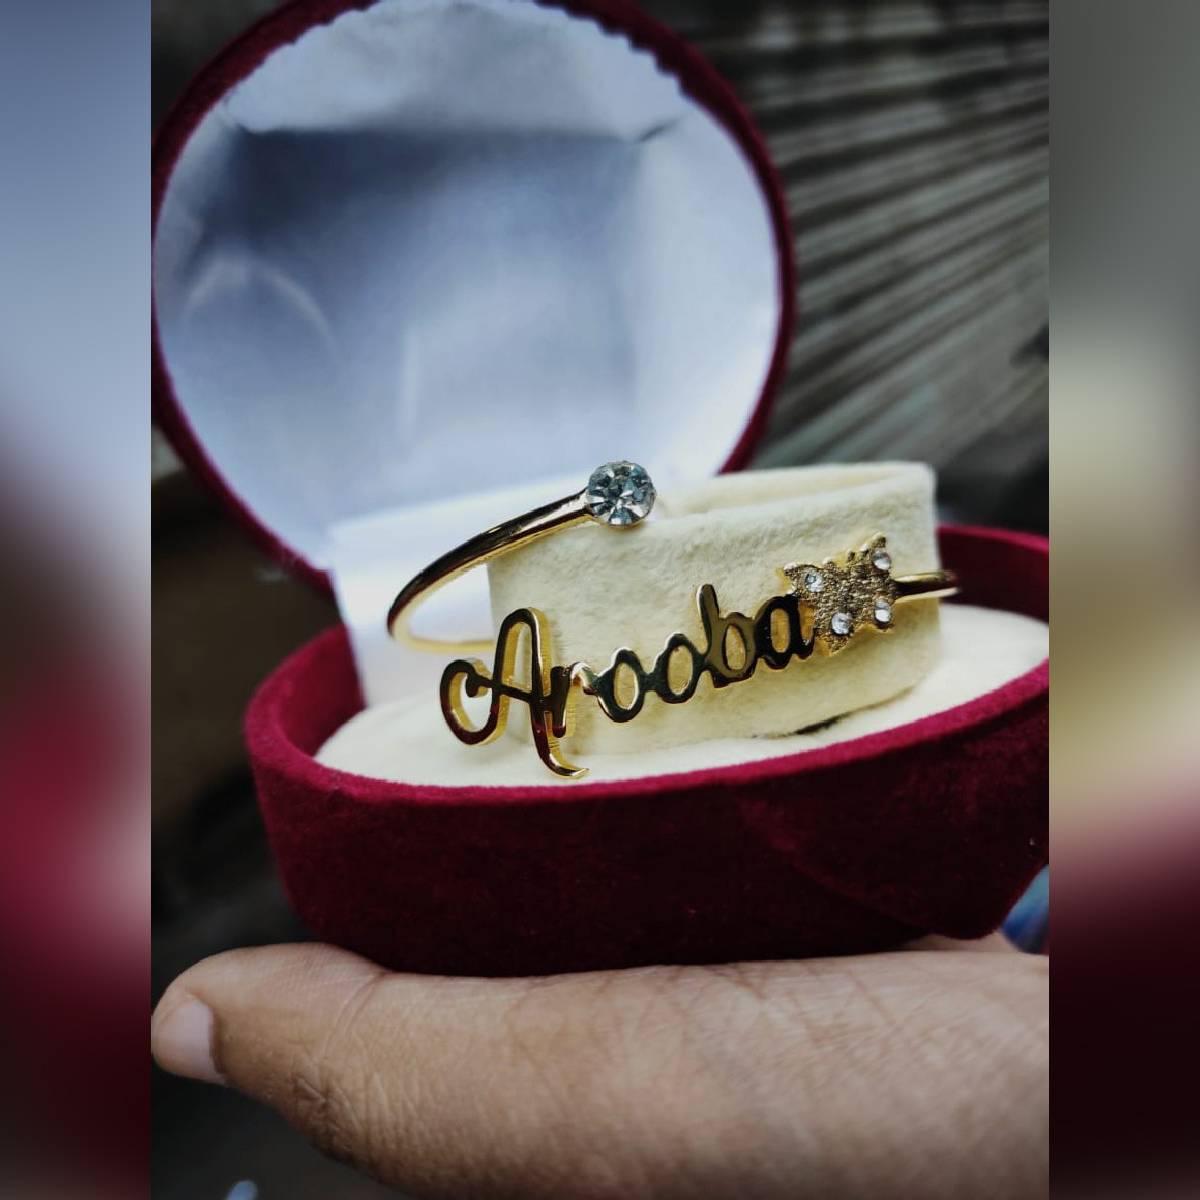 Gold Plated Name Bangle/ Bracelet for Girls & Women for Gift